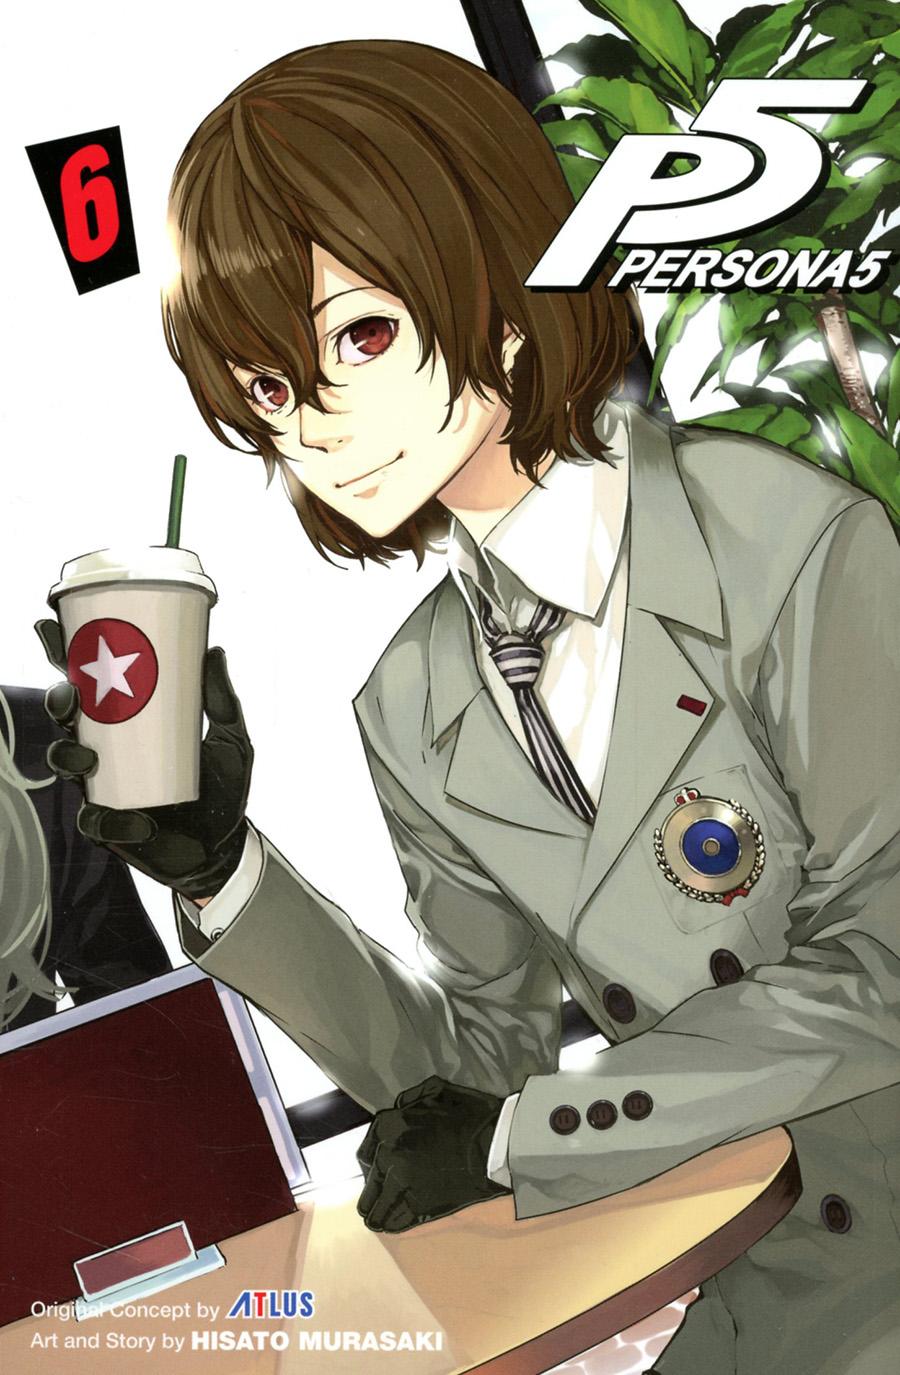 Persona5 Vol 6 GN